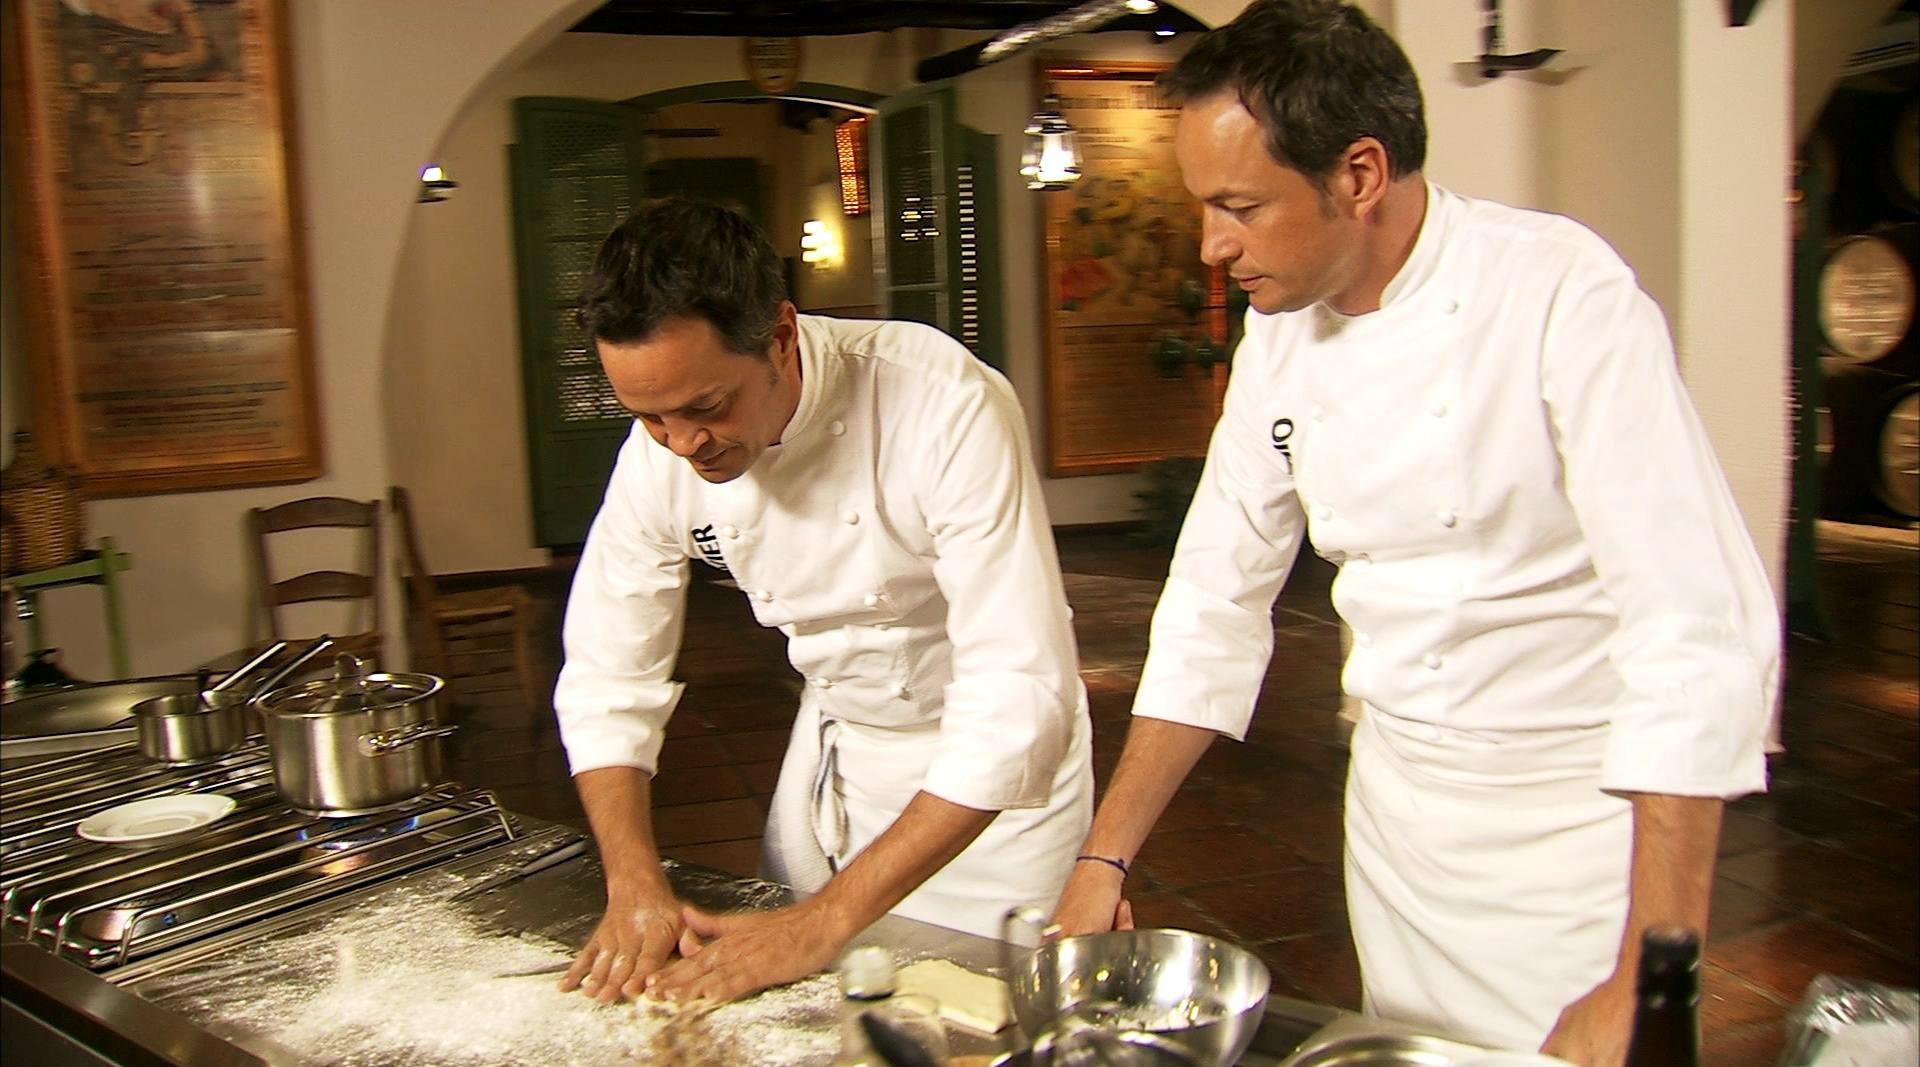 Cocinados nuevo programa de cocina en tve for Nuevo programa de cocina